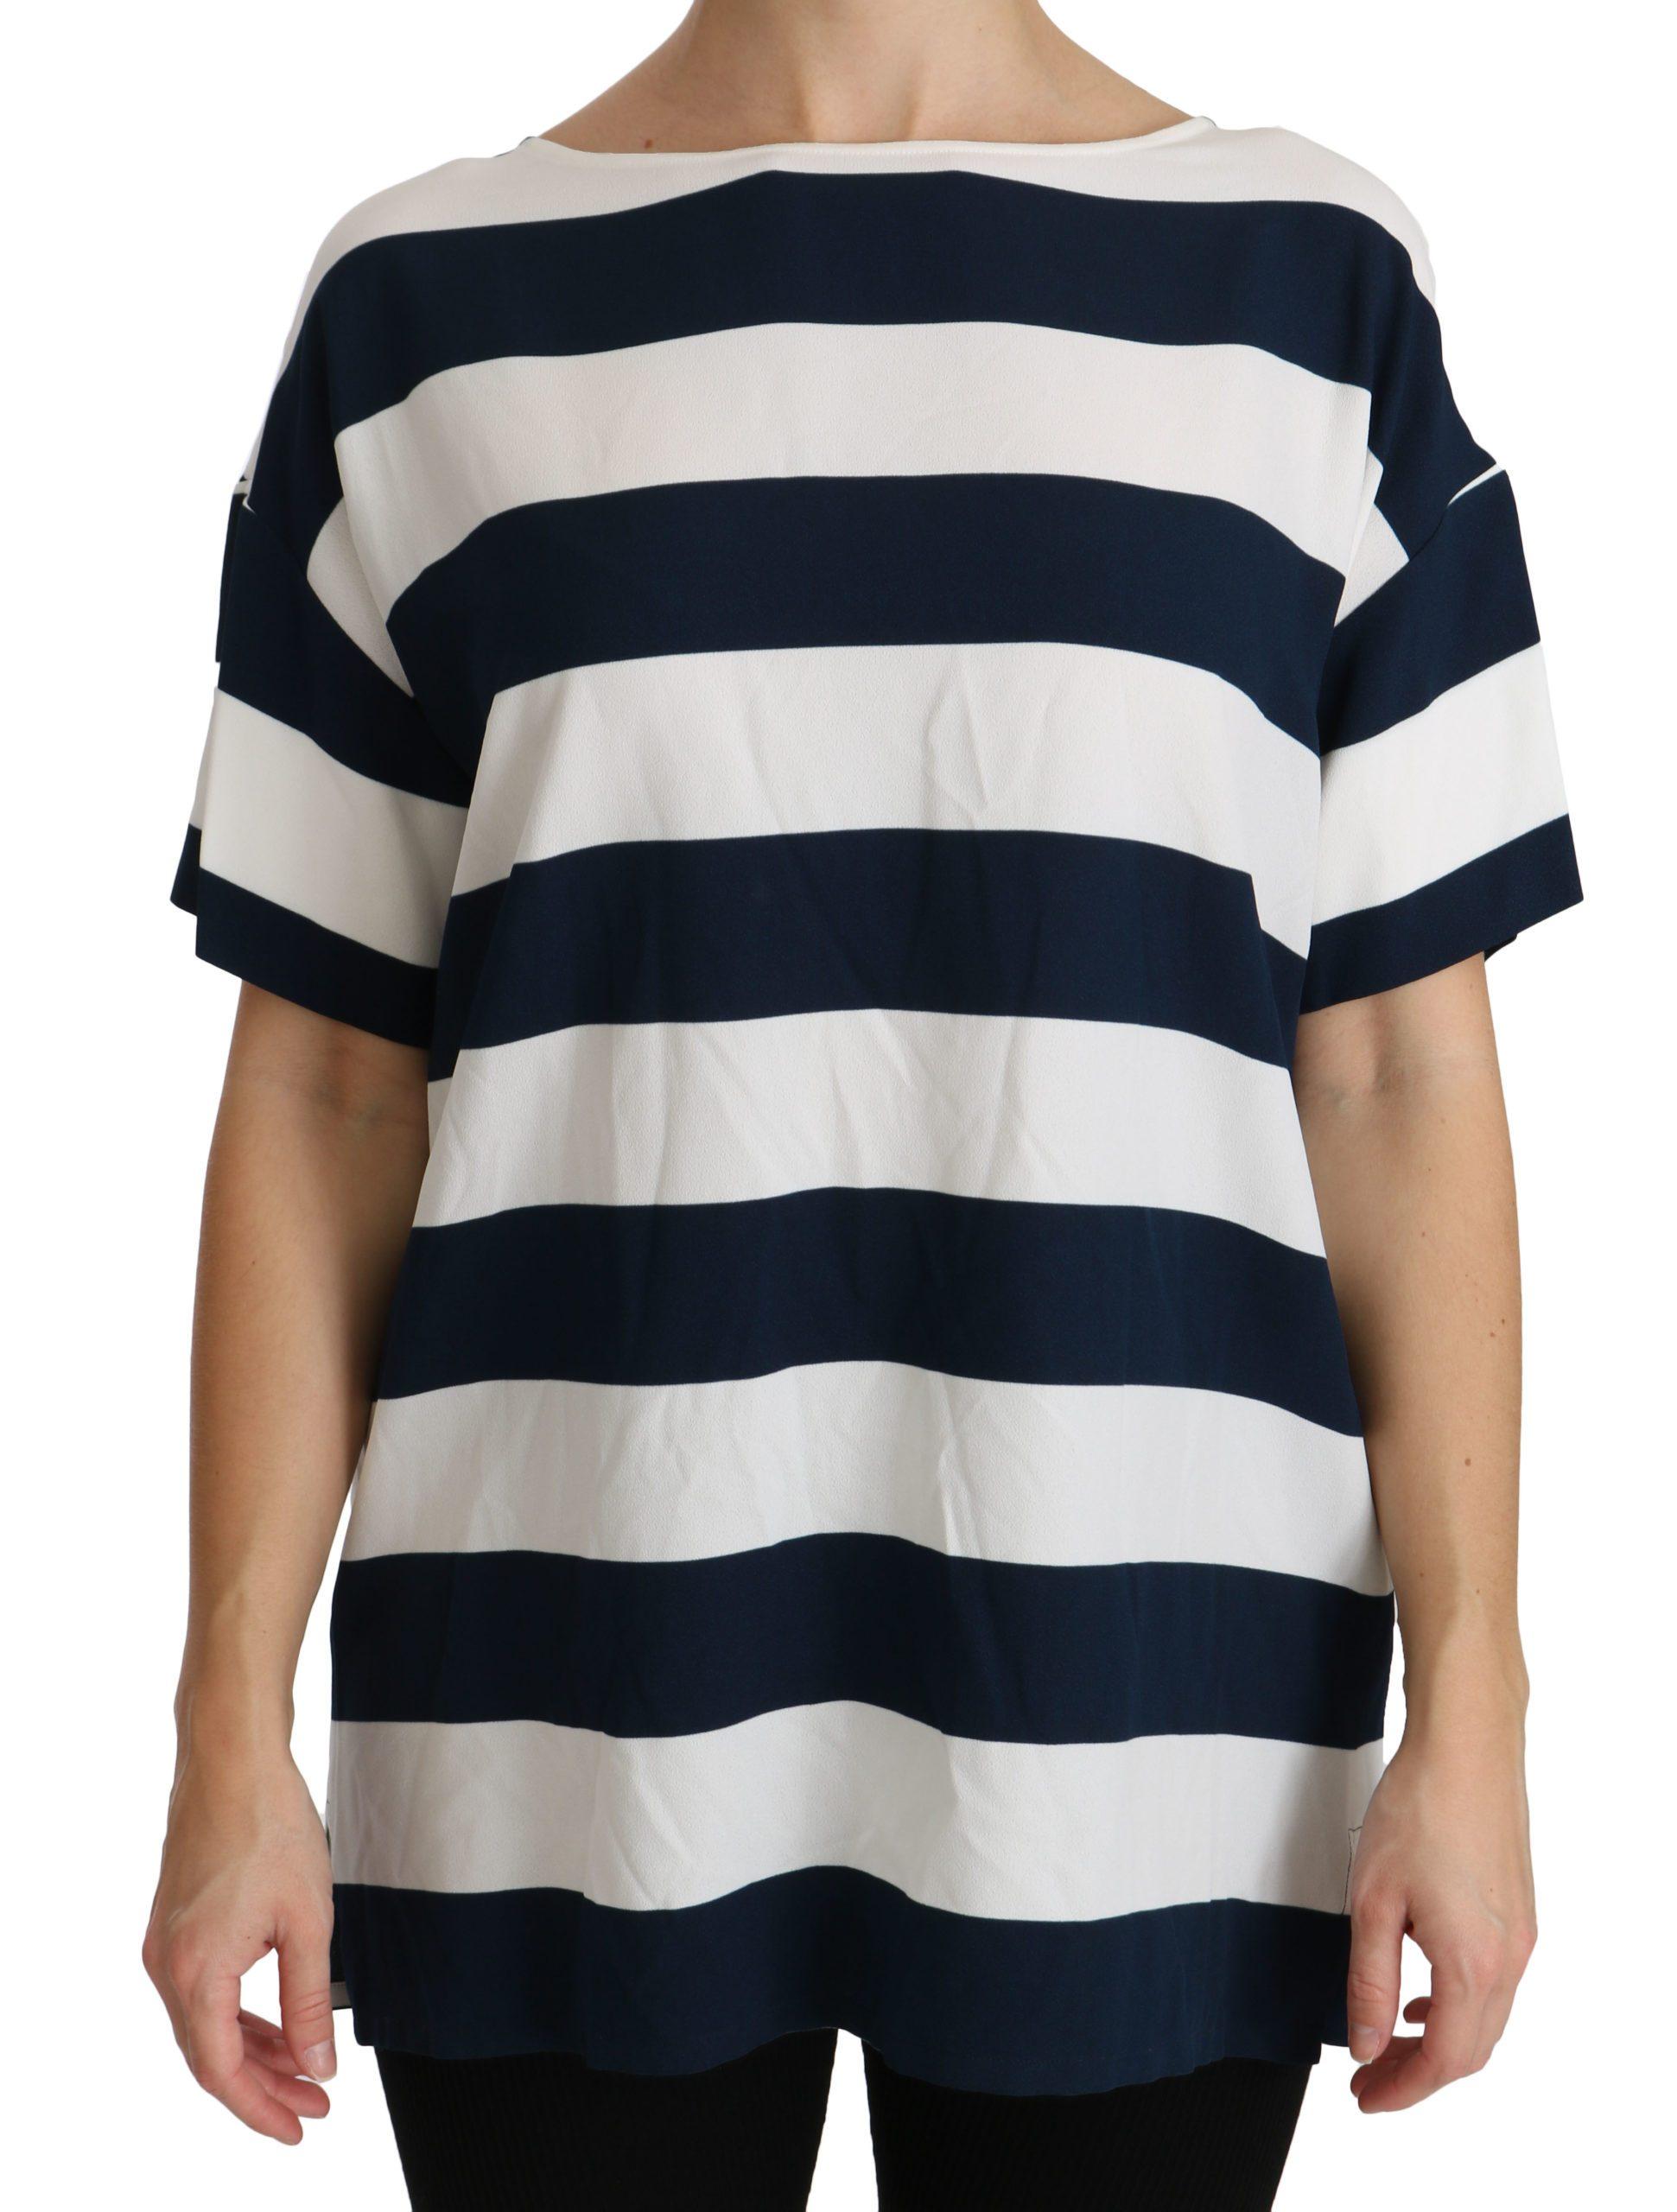 Dolce & Gabbana Women's Stripes Tops Blue/White TSH4312 - IT48|XXL